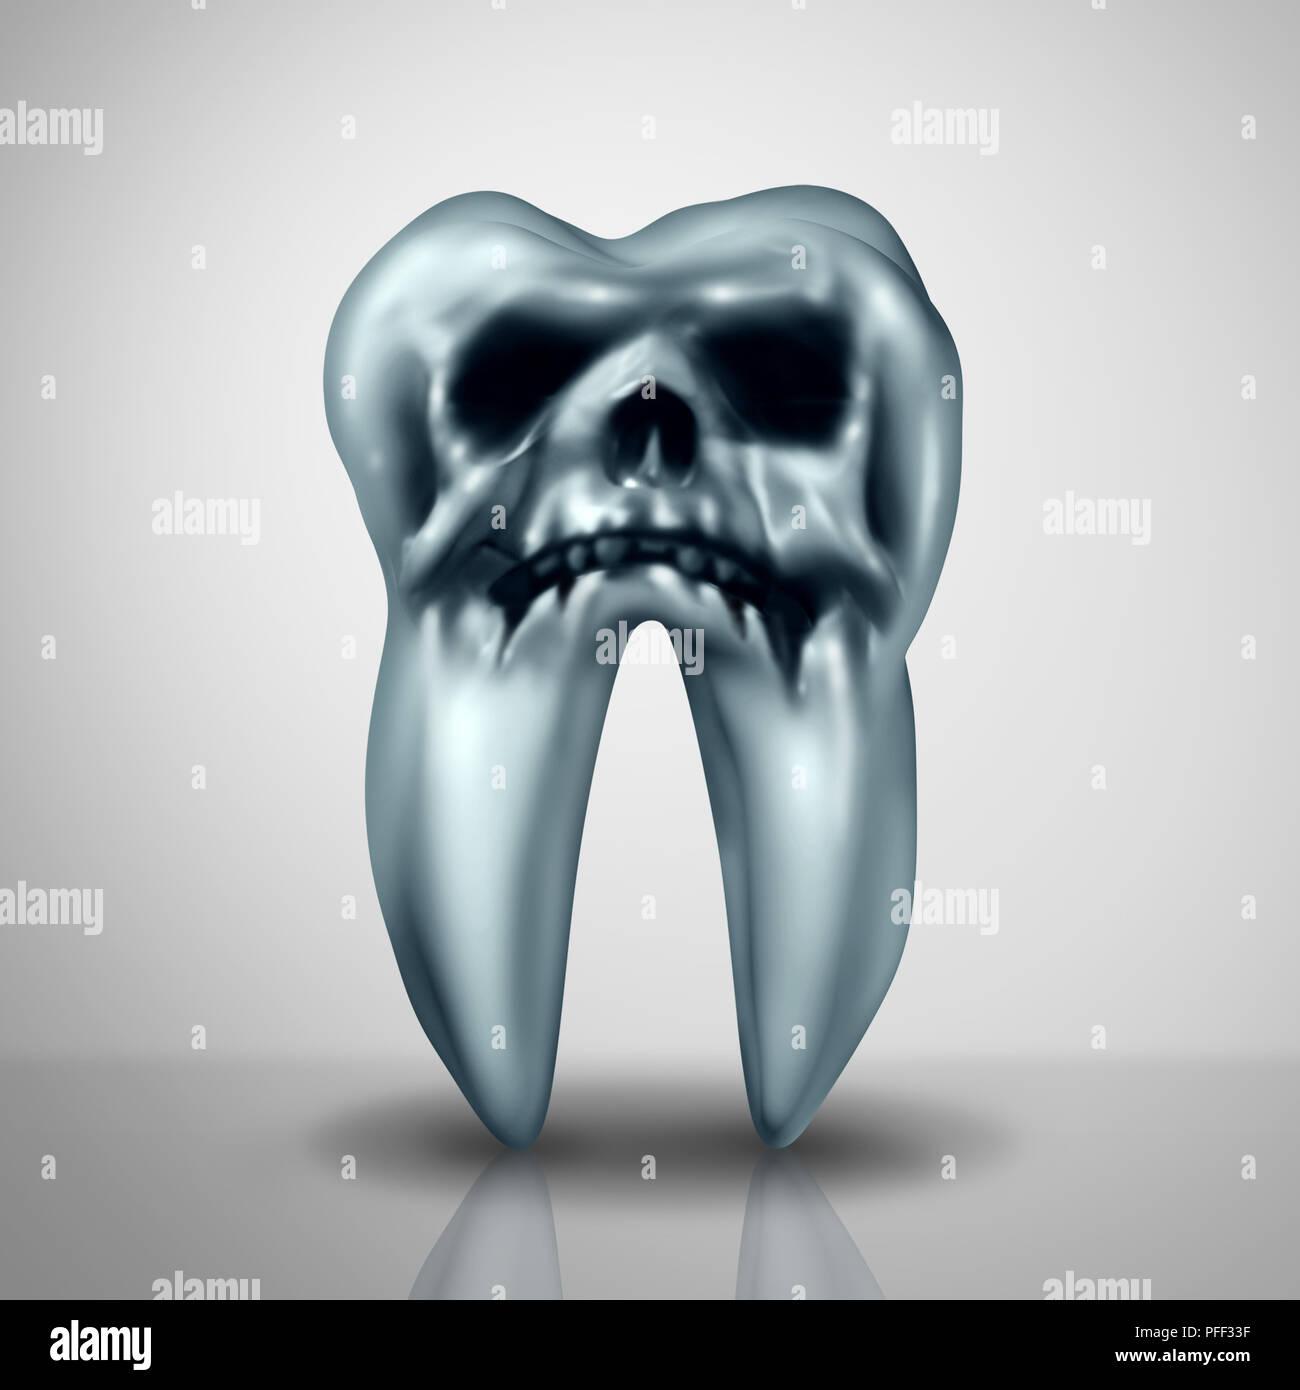 La carie dentaire comme un danger de maladie ou d'empreinte montrant le symbole des cavités risque de carie dentaire anatomie en dues aux bactéries et aux acides comme un crâne de mort. Photo Stock